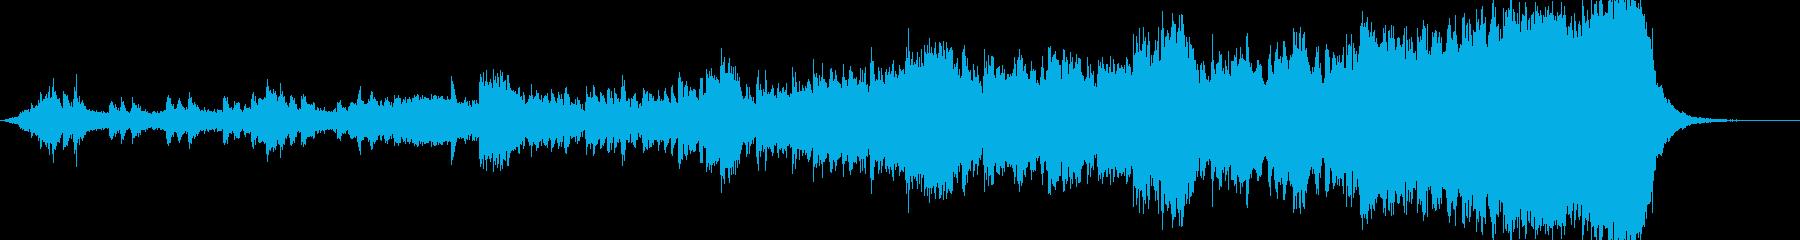 ストリングスによる緊迫感ある曲の再生済みの波形